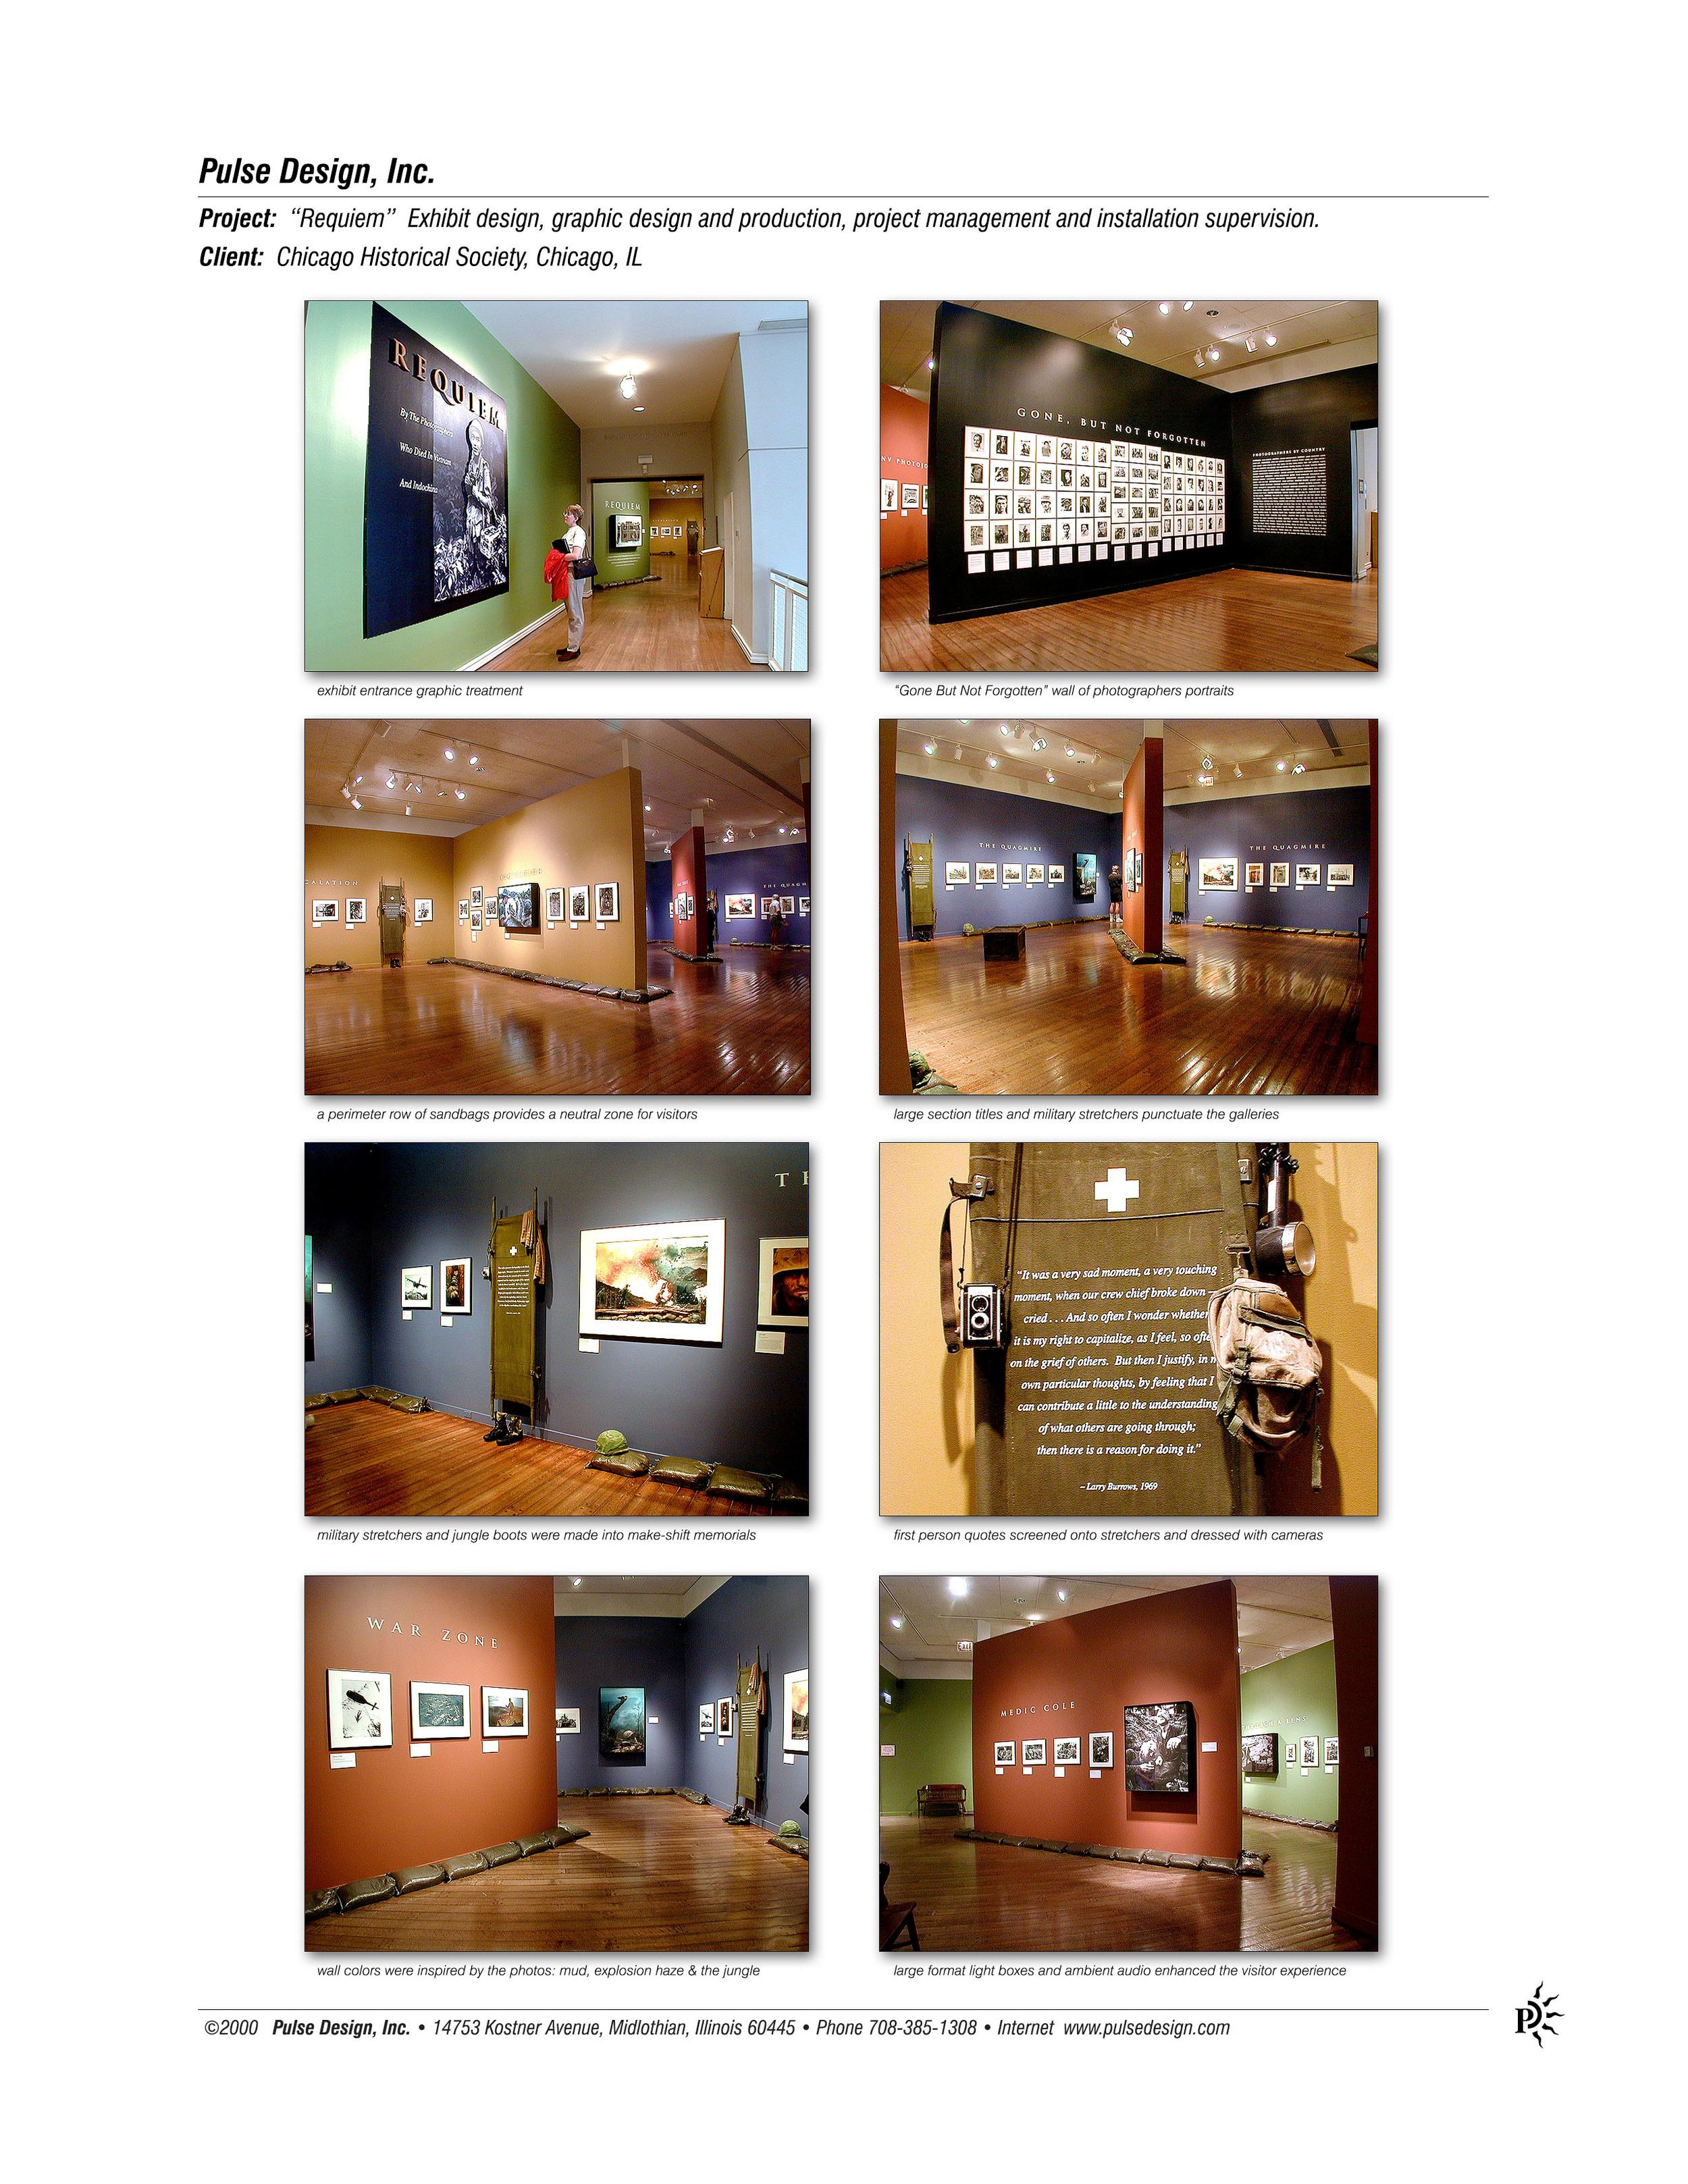 CHS-Requiem-Exhibit-1-Pulse-Design-Inc.jpg